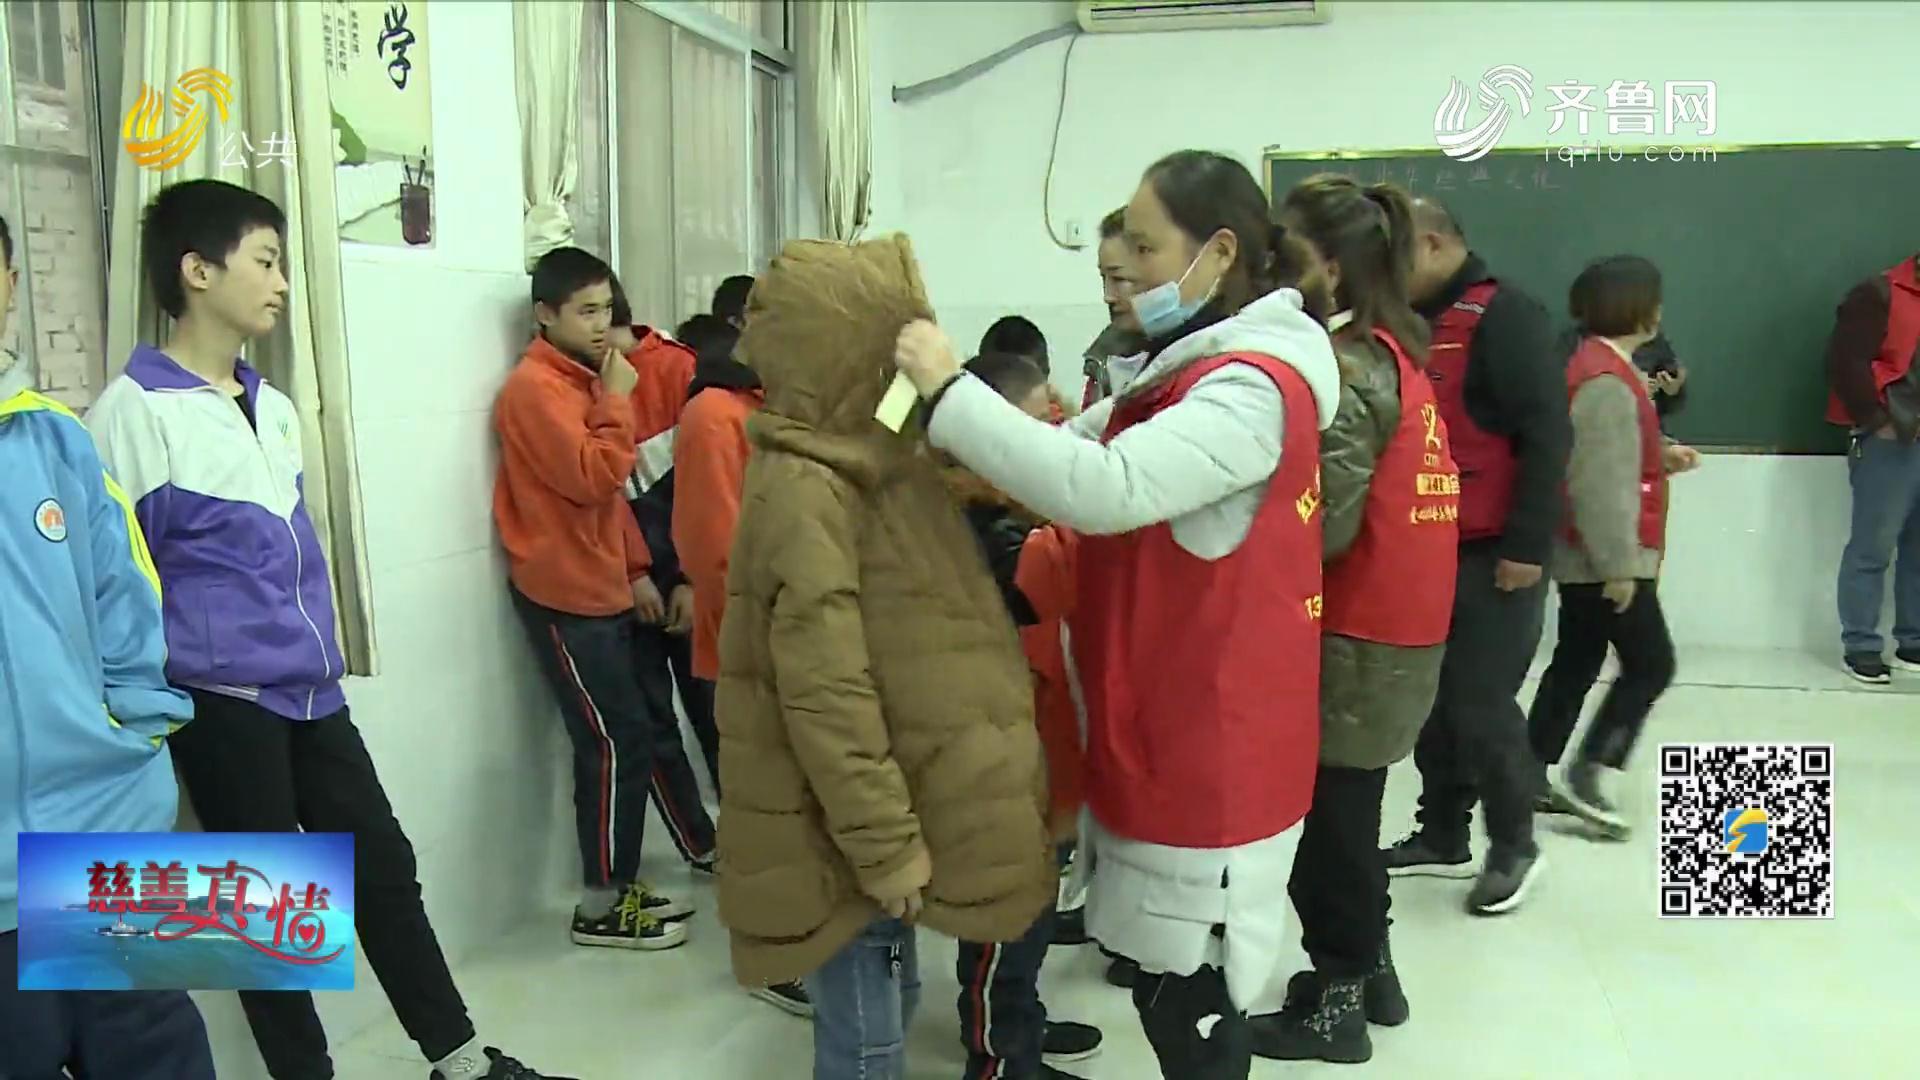 慈善真情:菏泽成武——爱心暖冬行动 情系困境儿童